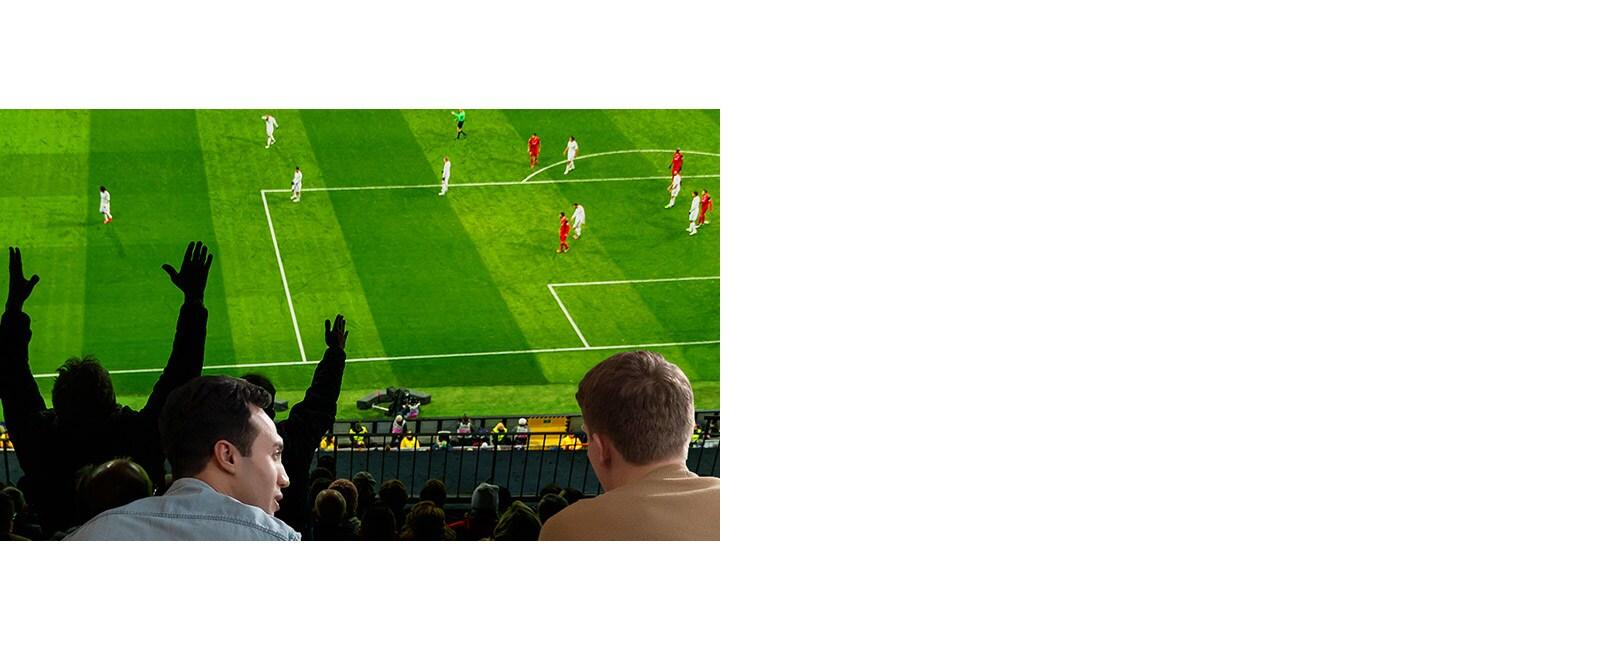 أناس يشاهدون الألعاب الرياضية على شاشة التلفزيون في غرفة المعيشة على شاشة فائقة الحجم